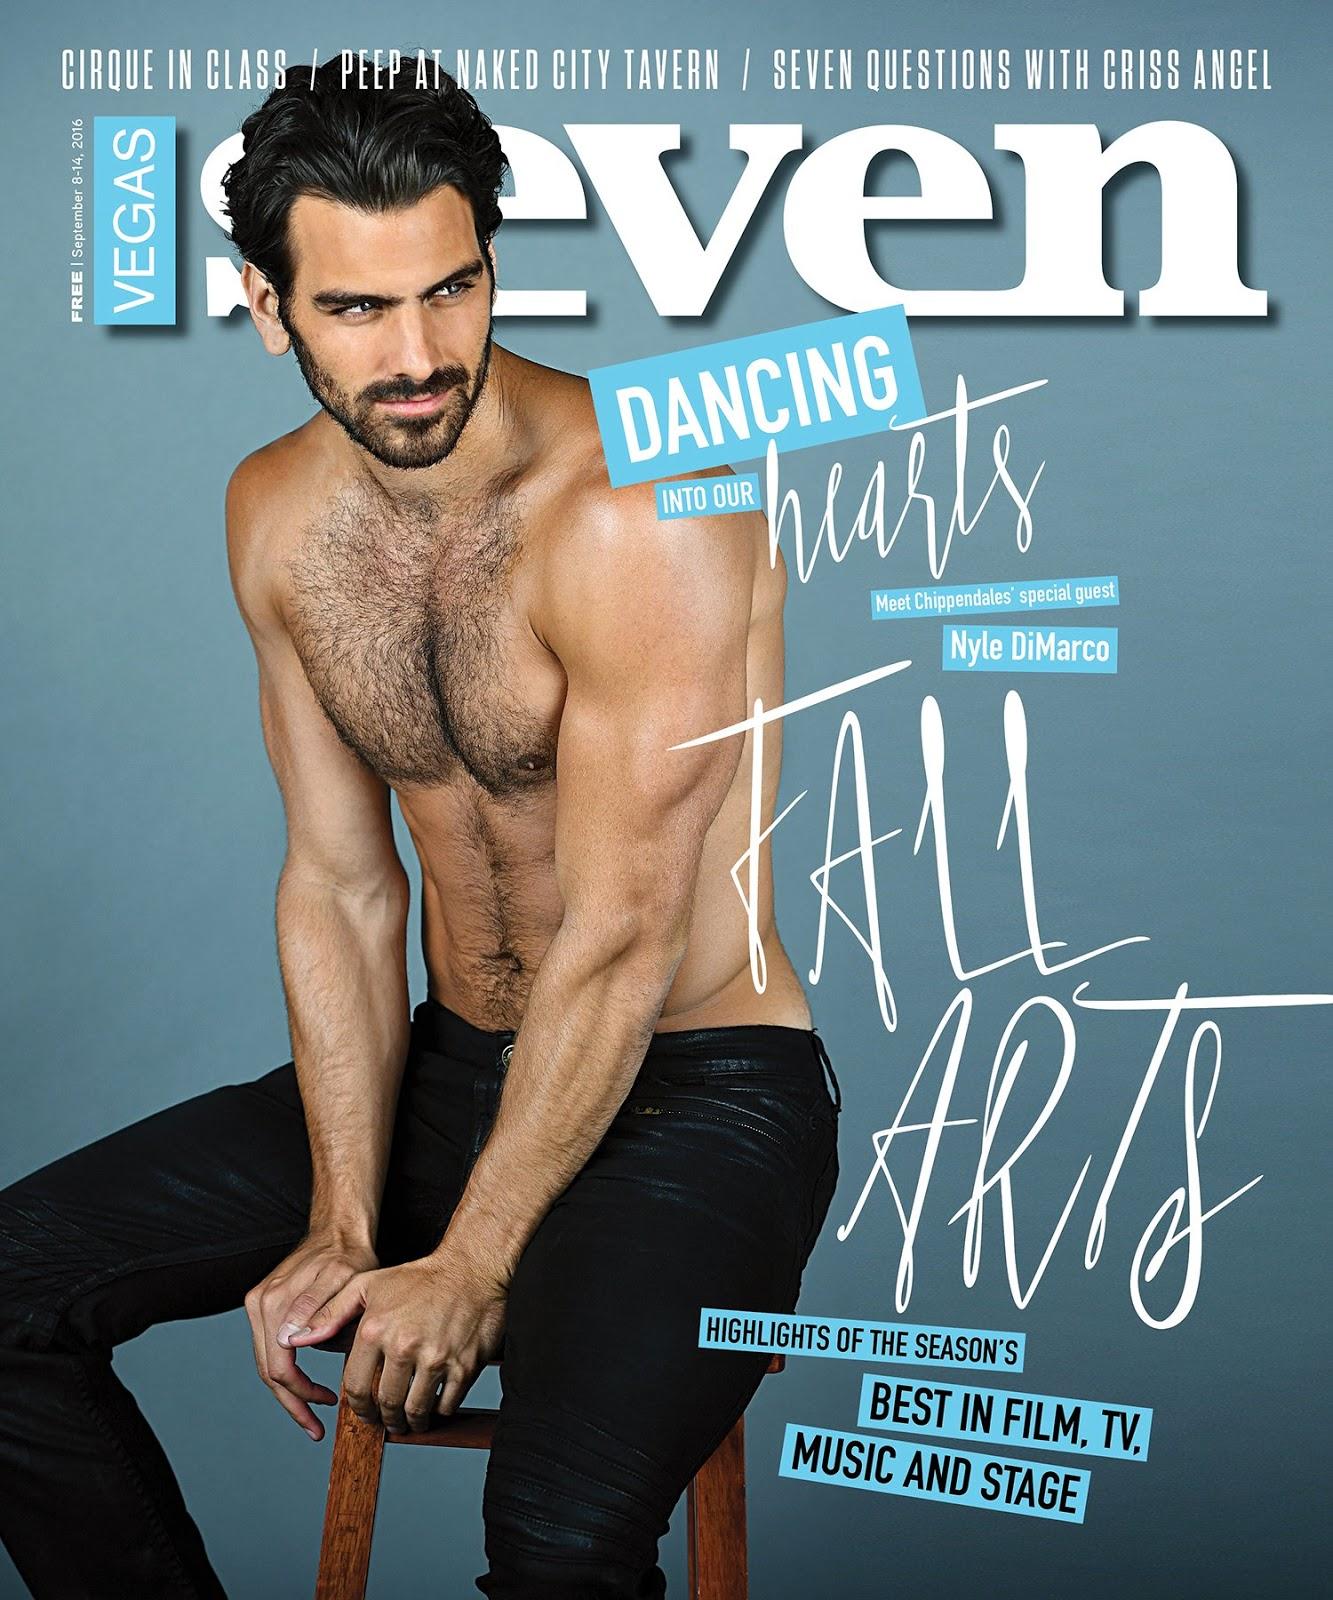 Nyle-Dimarco-for-Vegas-Seven-Magazine-1.jpg